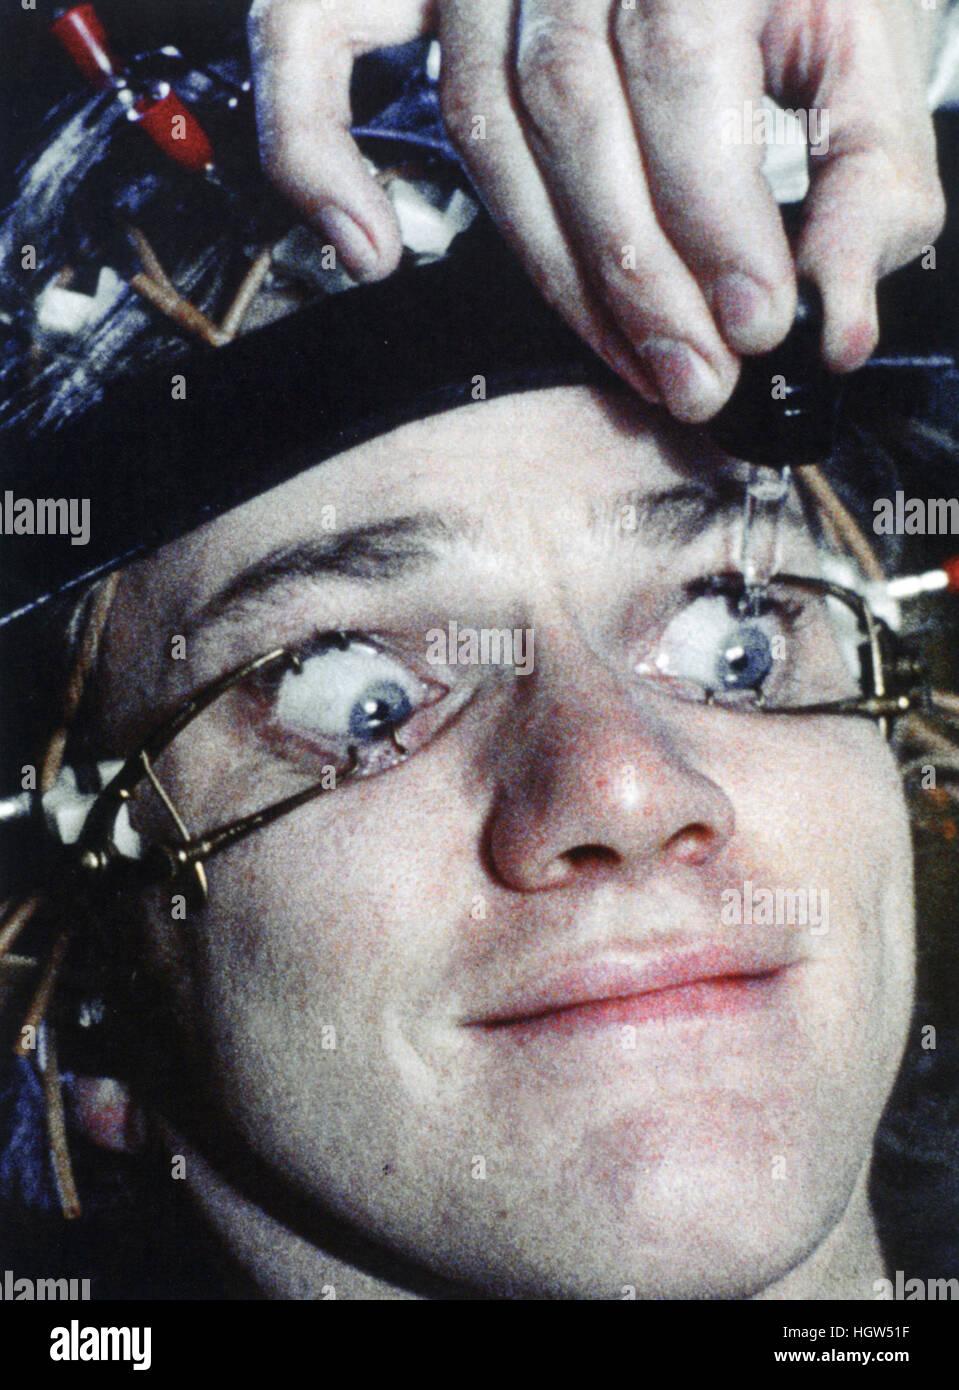 A CLOCKWORK ORANGE 1971 Warner Bros film with Malcolm ...Malcolm Mcdowell Clockwork Orange Eyes